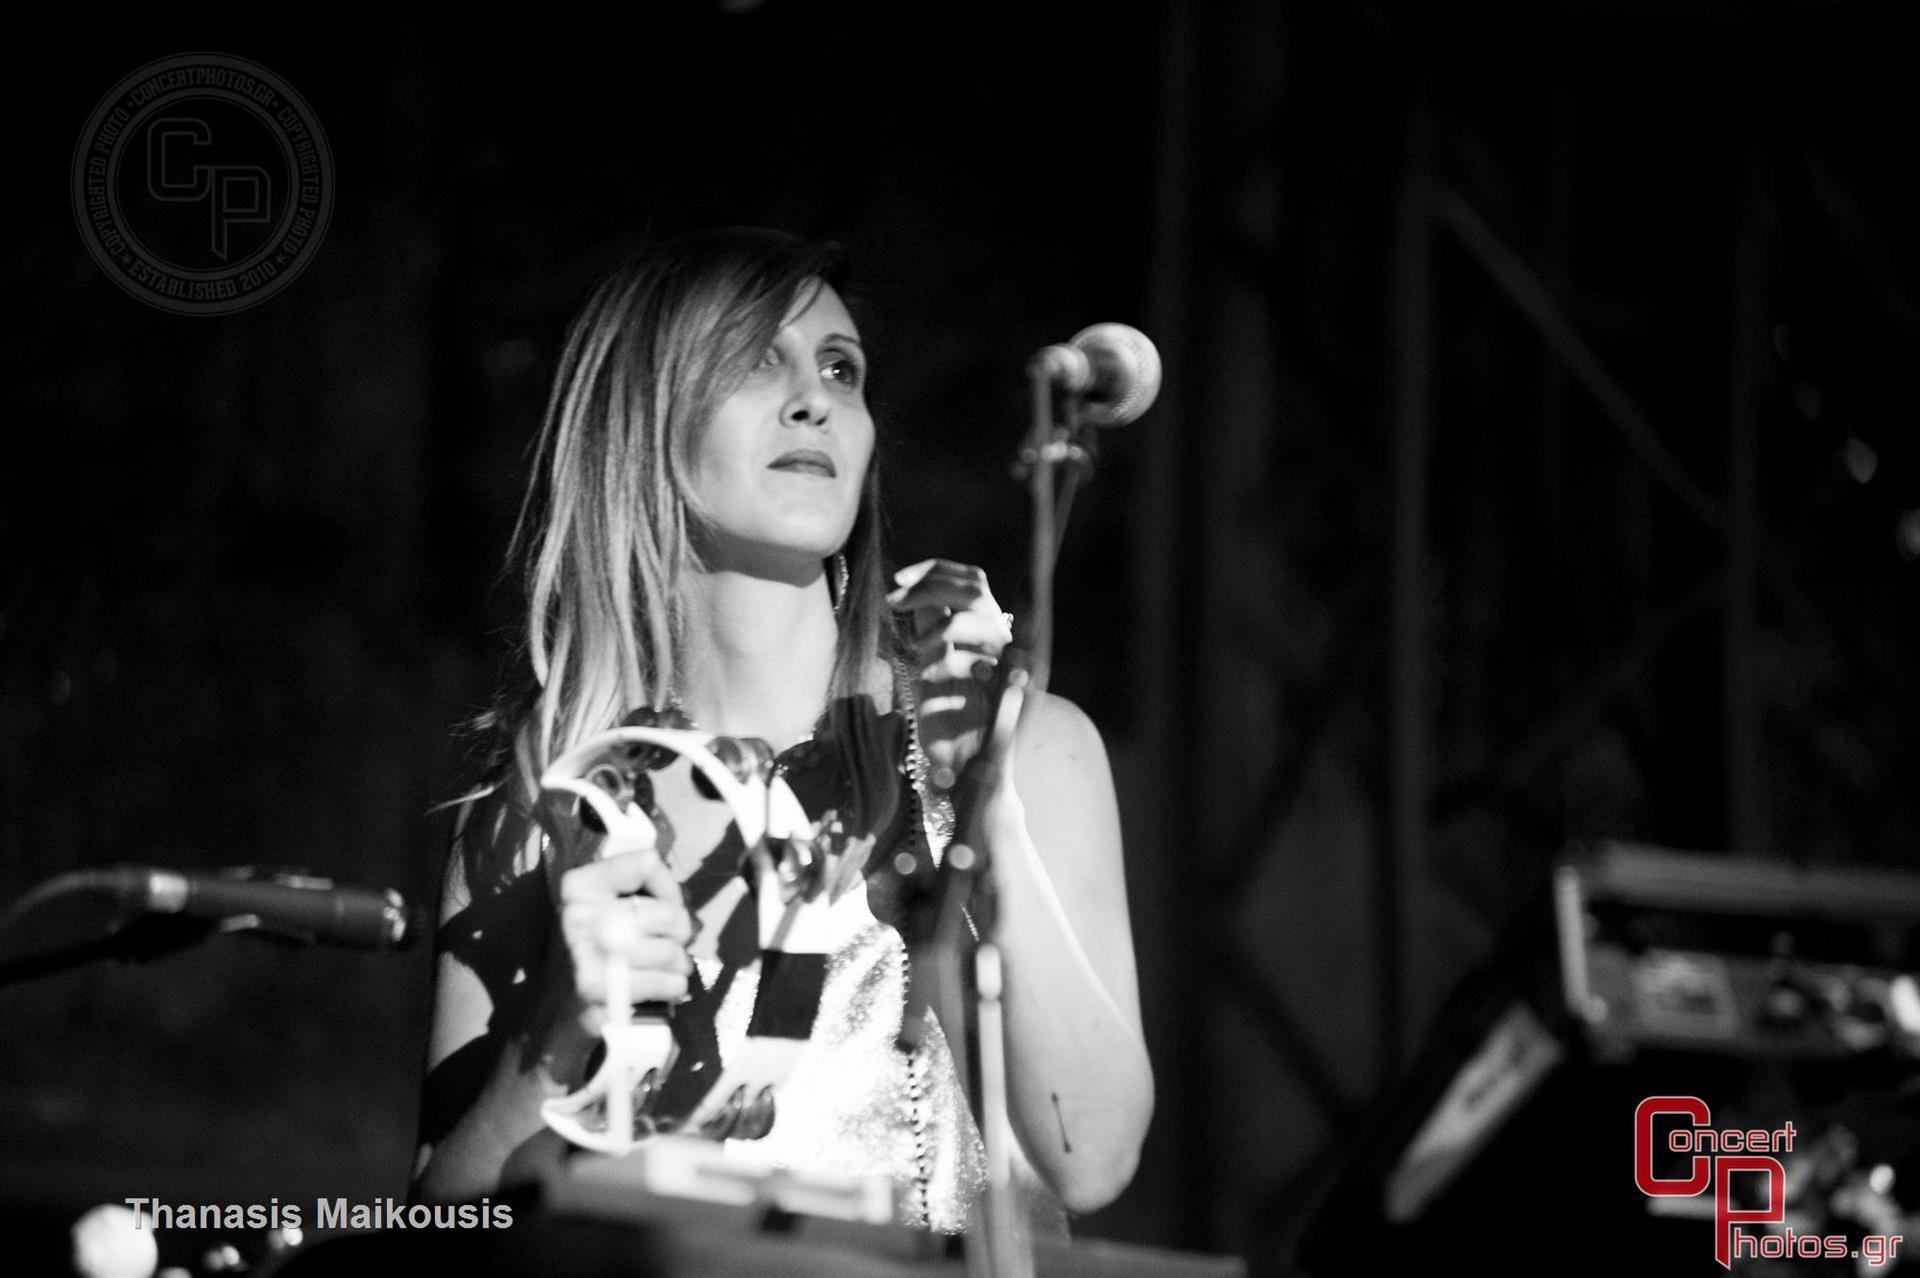 Asaf Avidan-Asaf Avidan photographer: Thanasis Maikousis - ConcertPhotos - 20150624_2059_02